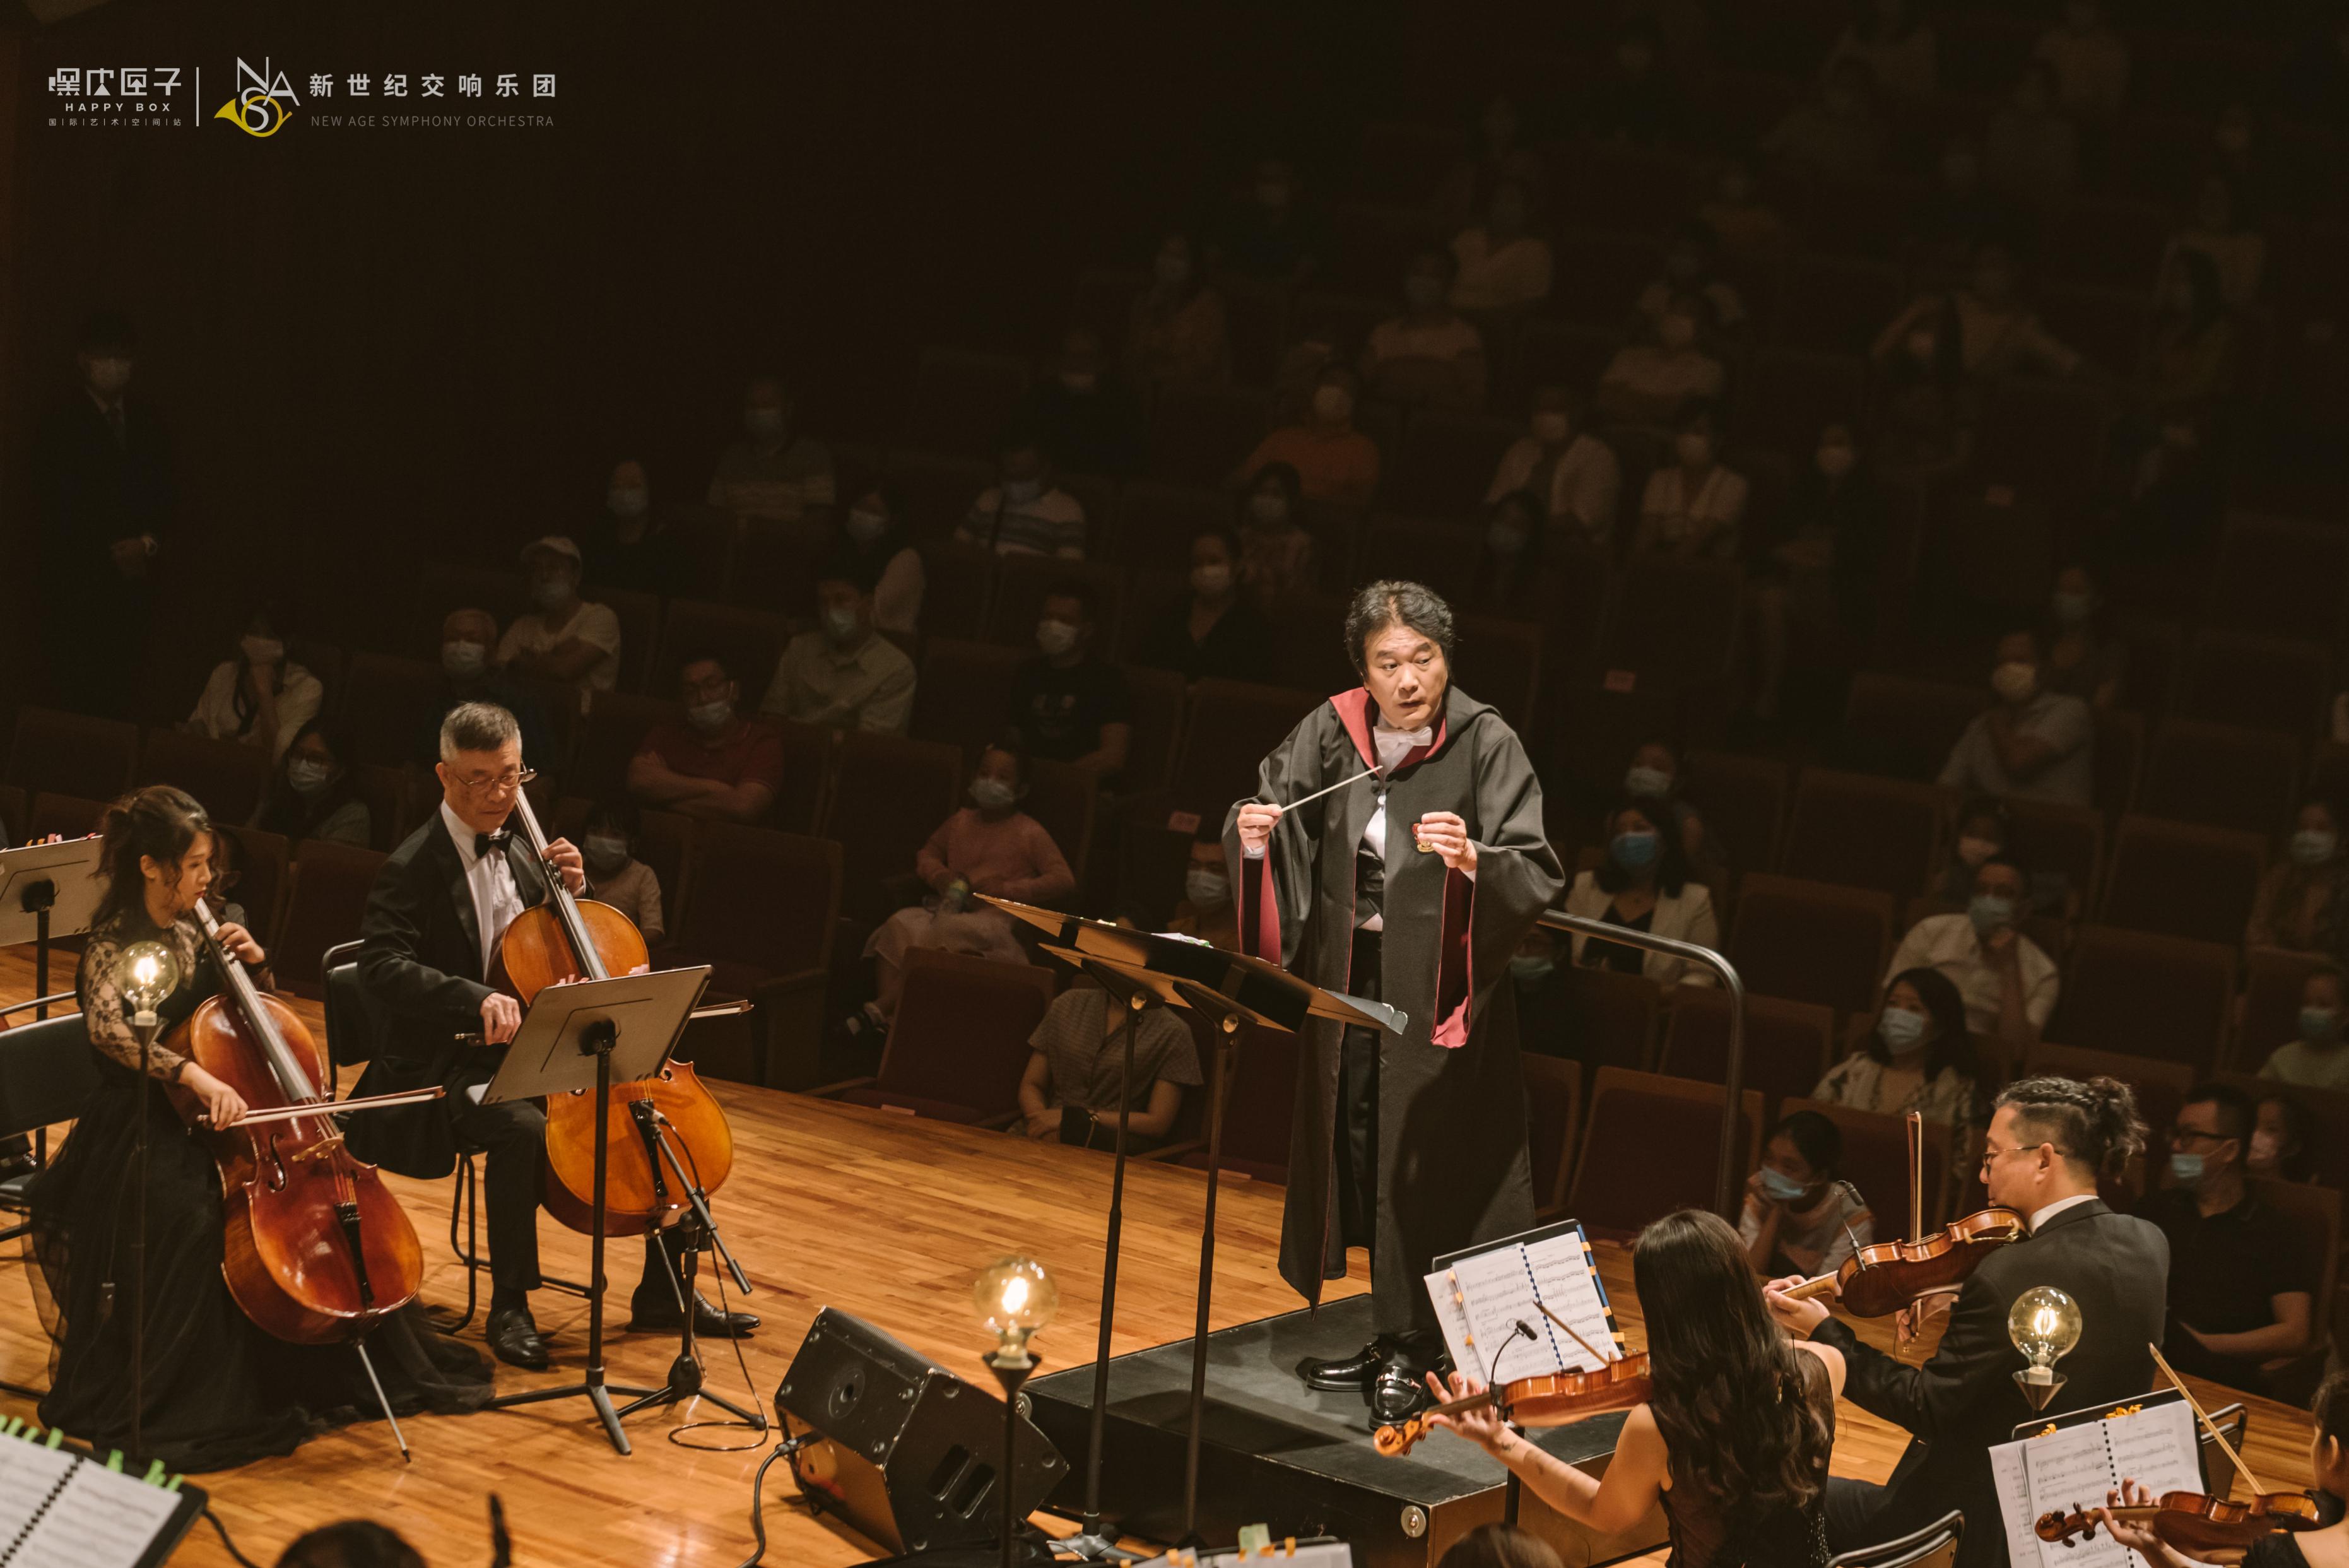 2021好莱坞之巅-经典电影主题交响音乐会-武汉站